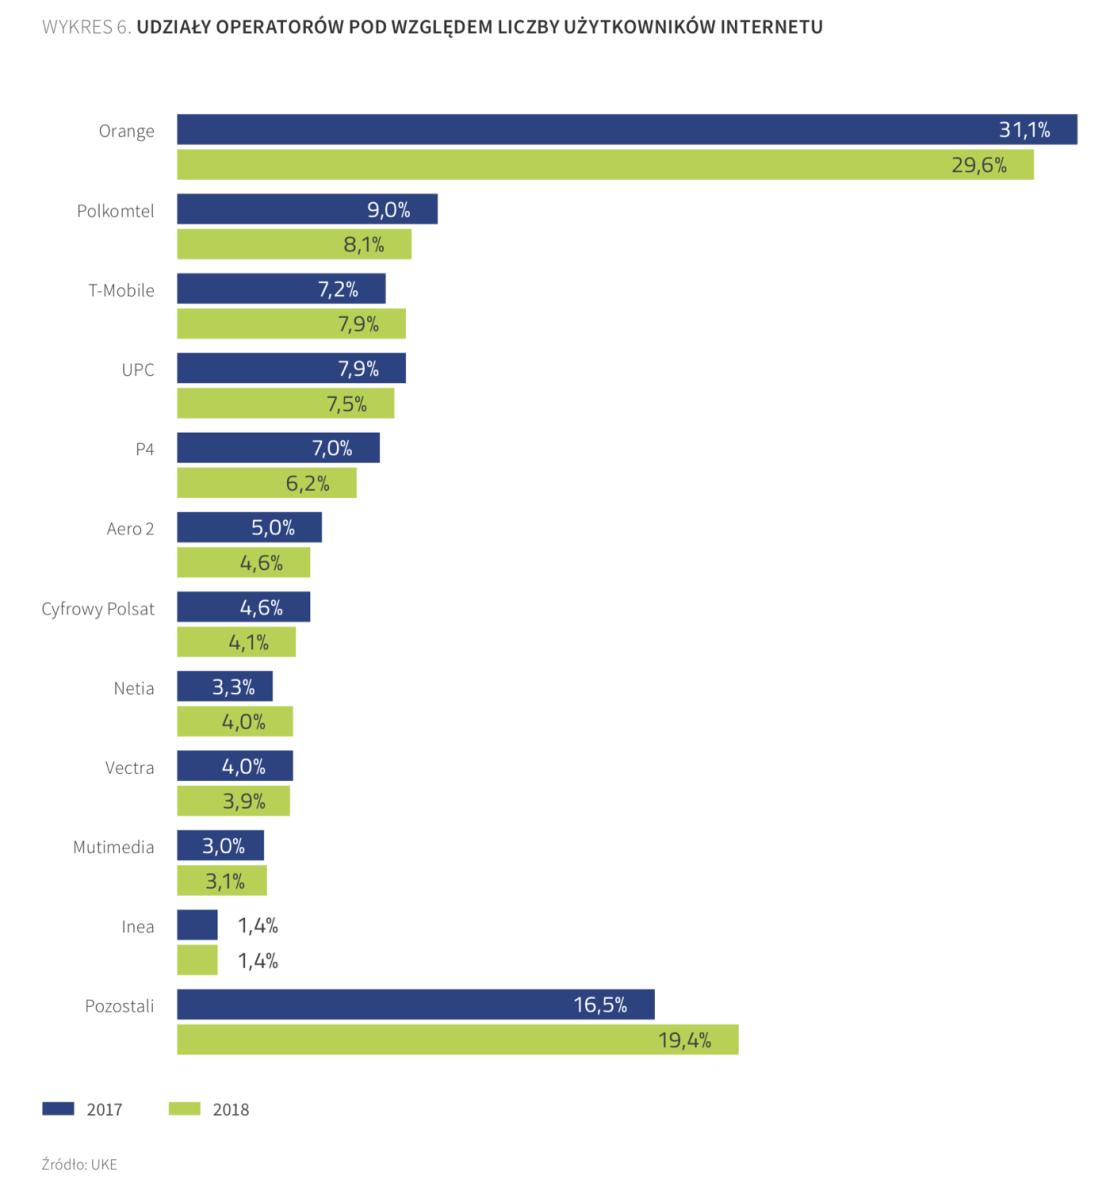 Liczba użytkowników internetu wg operatorów